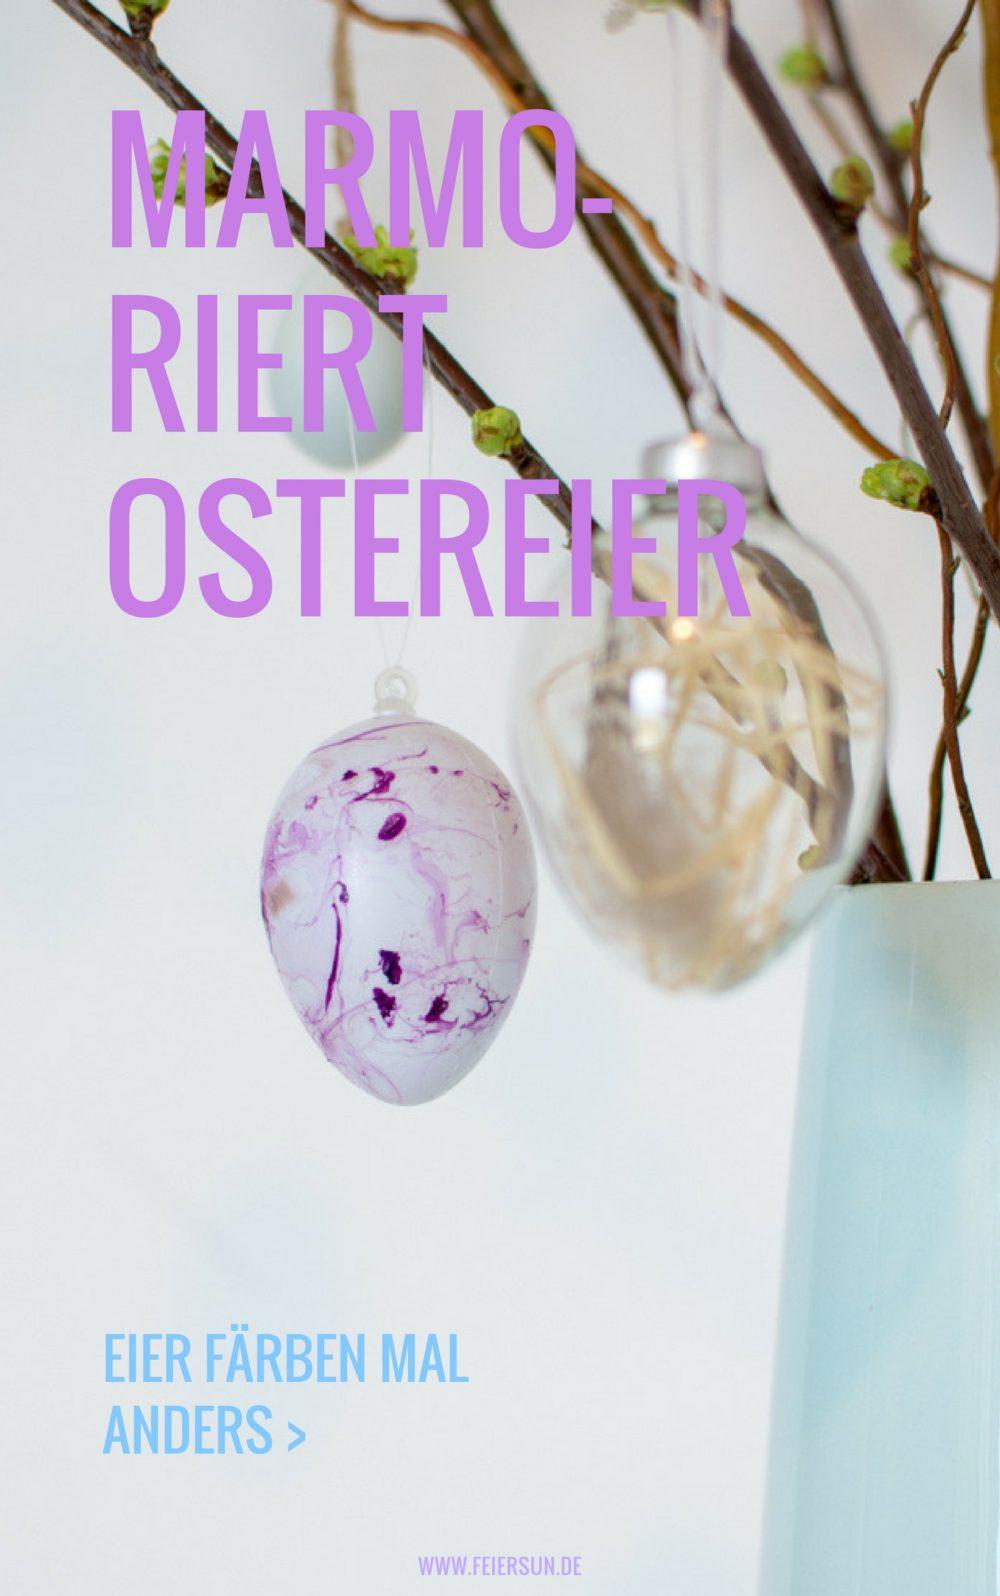 Ostereier färben mal anders: Mein DIY marmorierte Ostereier mit Nagellack ganz einfach selber machen und jedes Osterei ist ein Unikat. Haltbare Ostereier für jeden Geschmack. #feierSun #feierSunDIY #Ostereier #Ostern #selbermachen #Osterbasteln